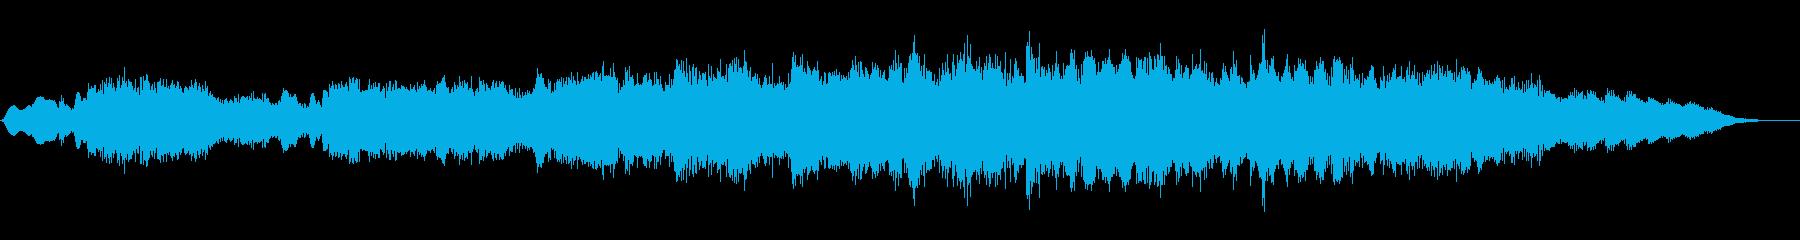 ジングル 感動的な夕方の雰囲気-管弦楽器の再生済みの波形